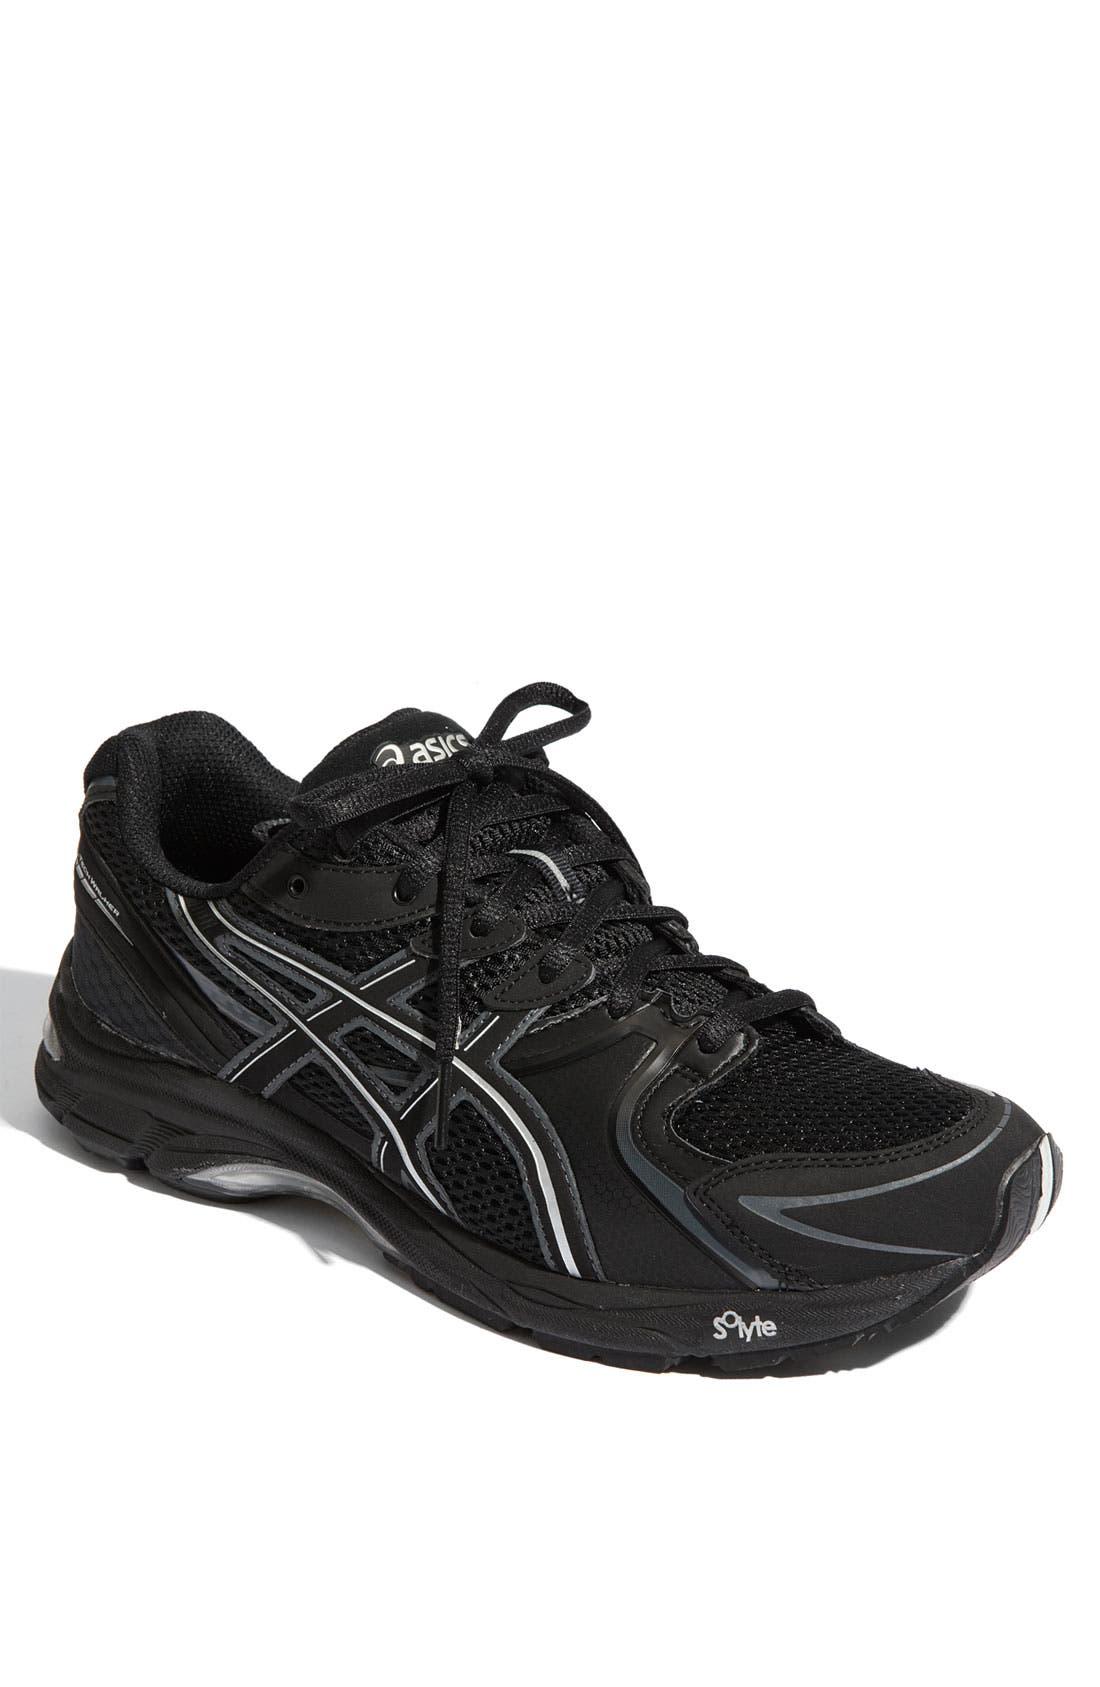 Main Image - ASICS® 'Gel-Tech Walker Neo' Walking Shoe (Men) (Online Only)